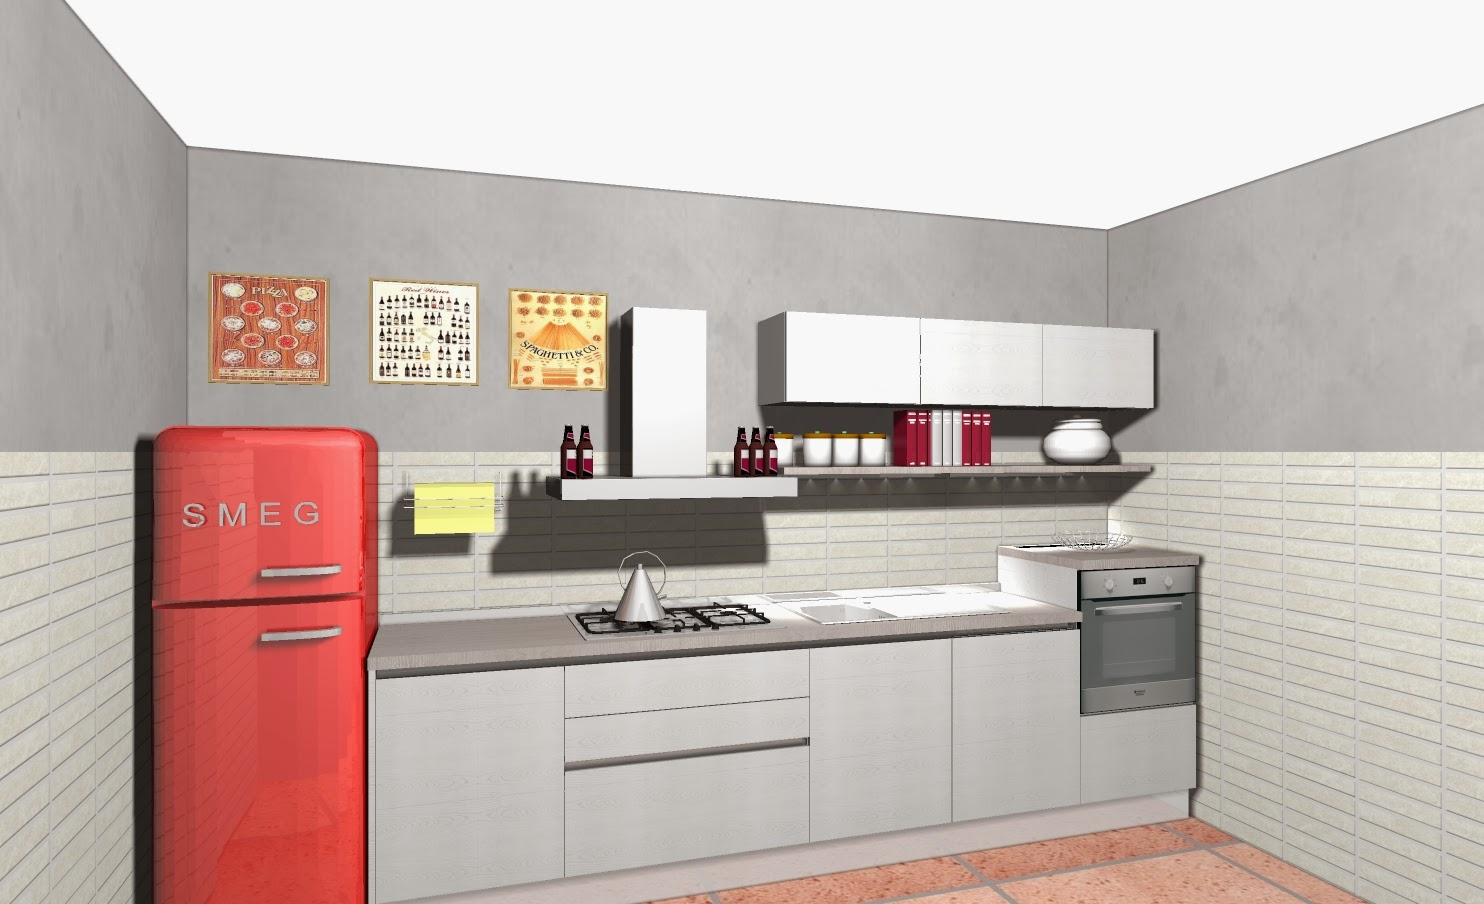 Disegna cucina free particolare del piano di lavoro in lava decorata grigio su nero della - Disegnare cucine gratis ...